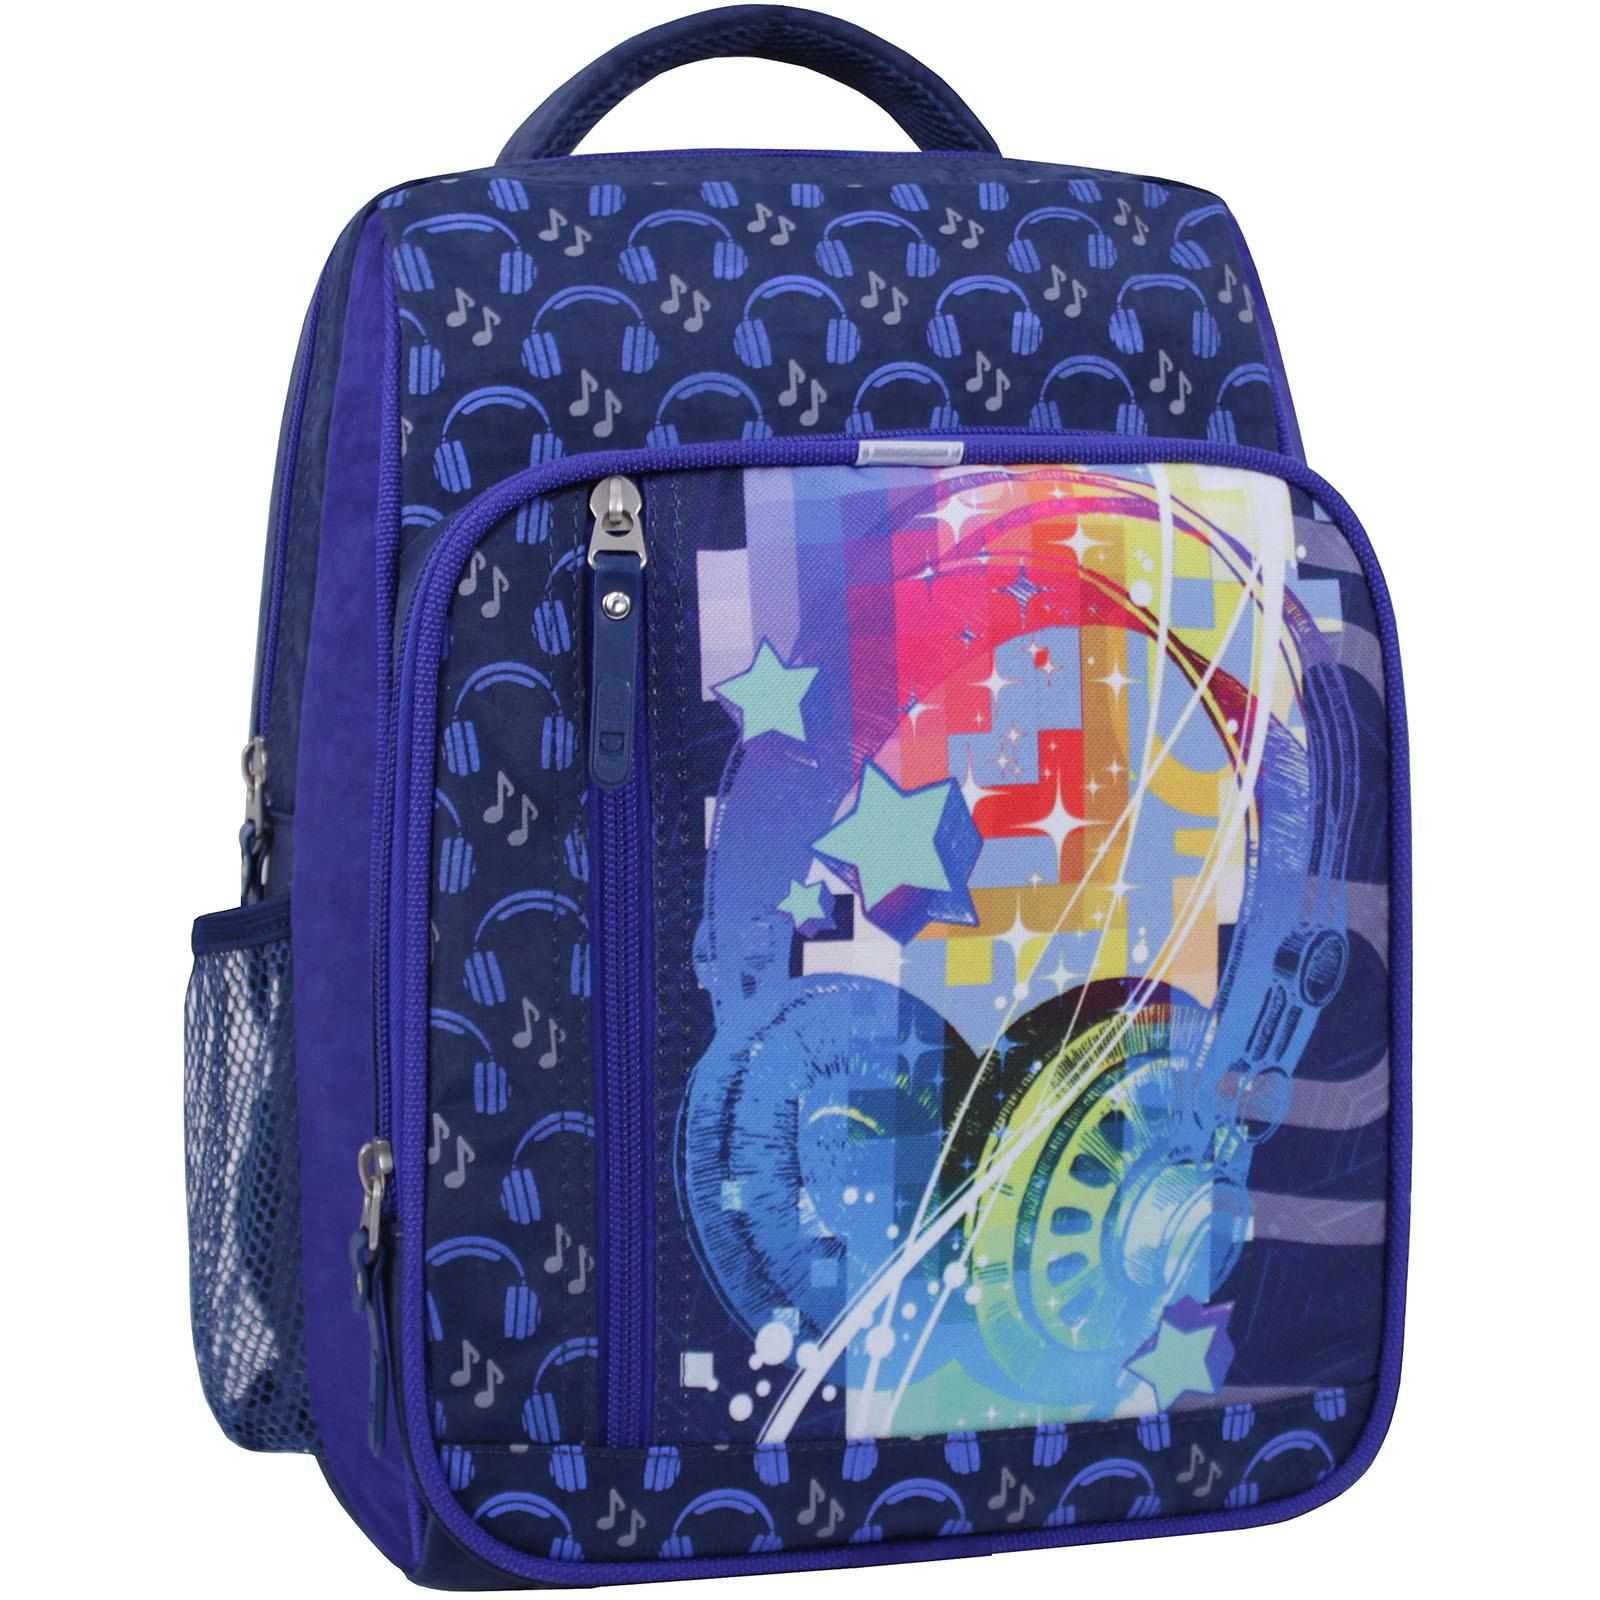 Рюкзак школьный Bagland Школьник 8 л. 225 синий 614 (00112702) фото 1